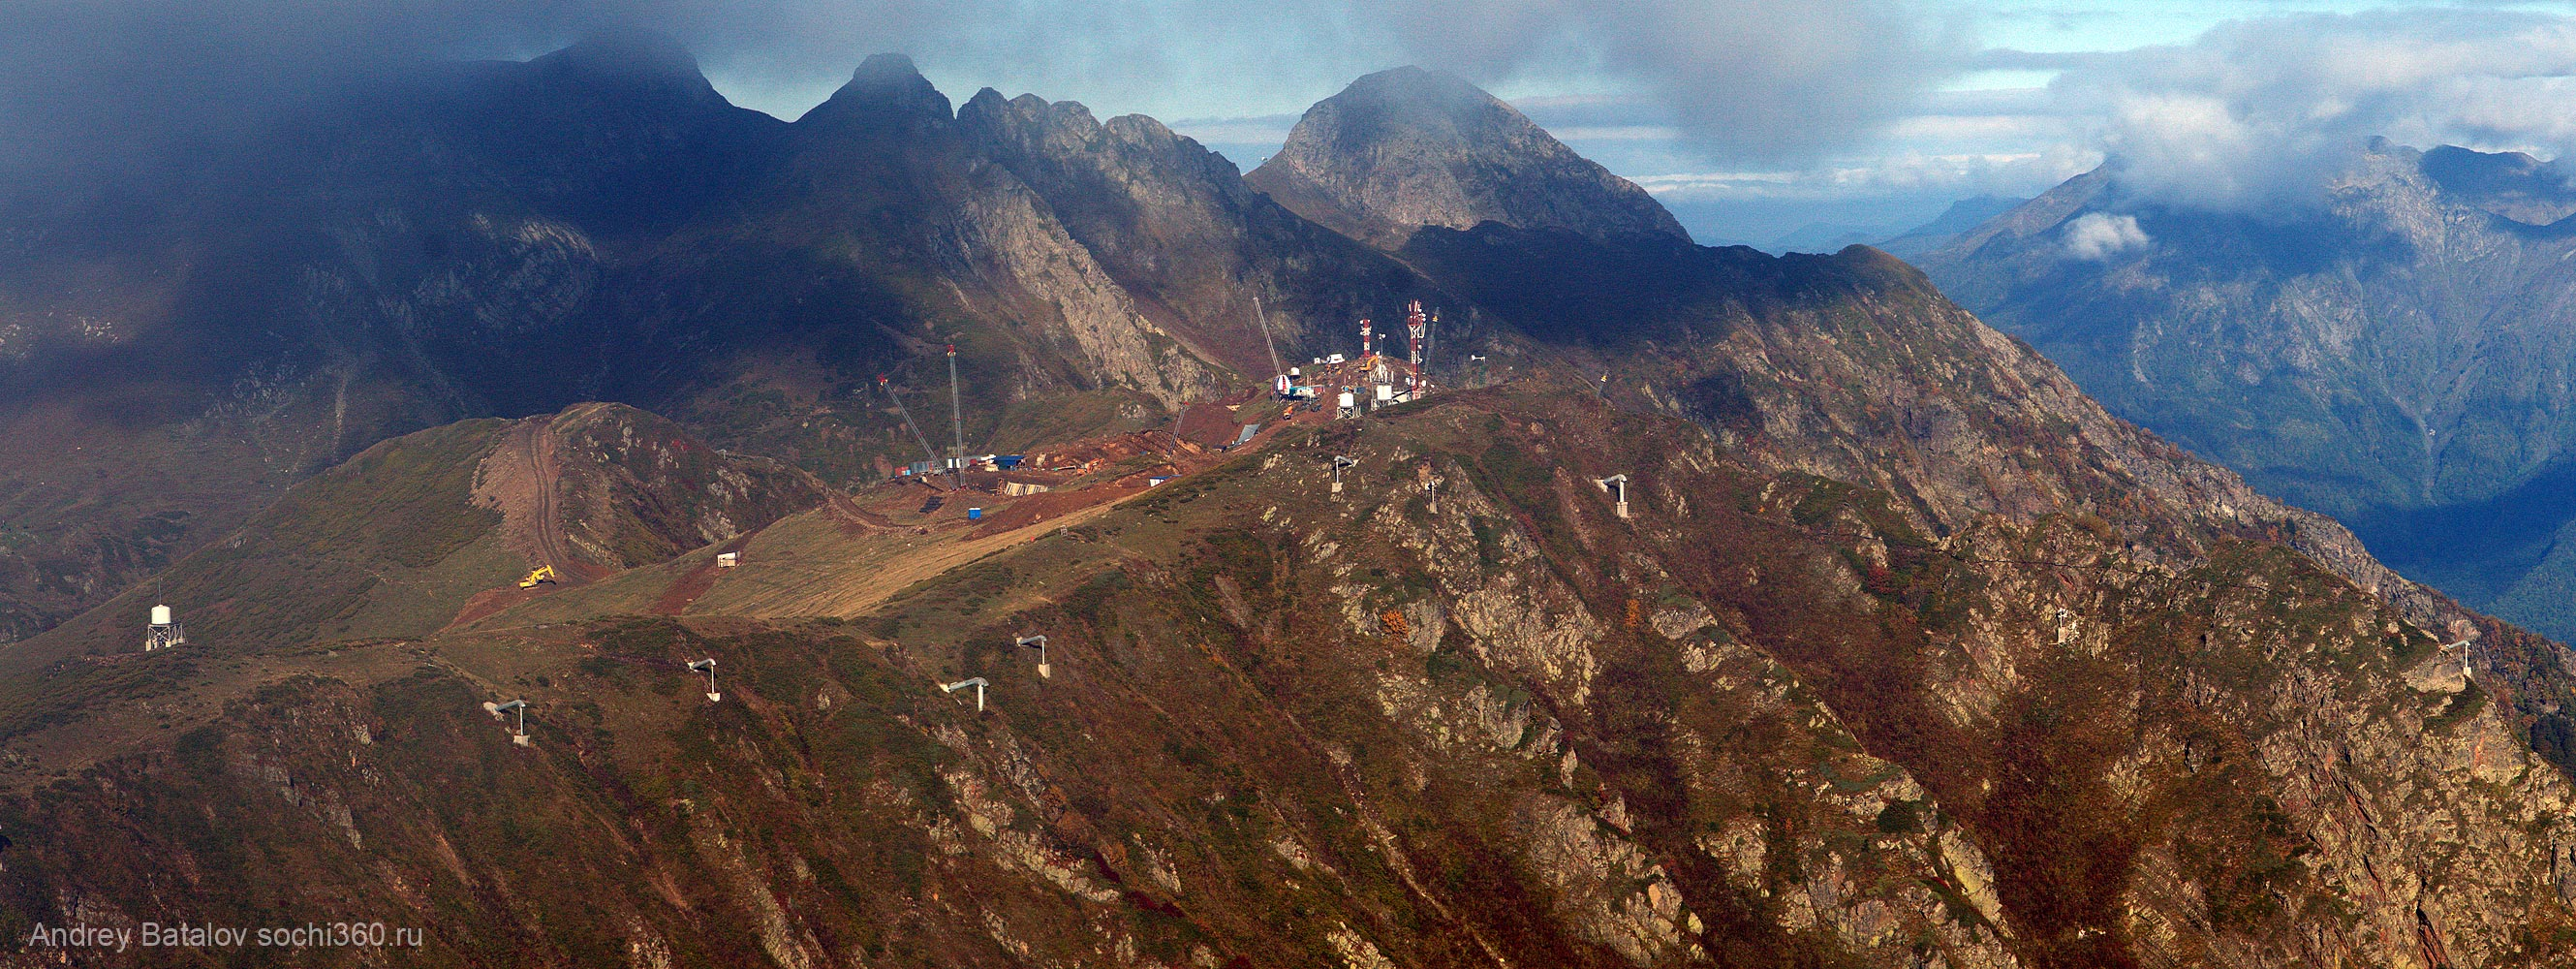 Верхняя станция ГЛК Альпика Сервис